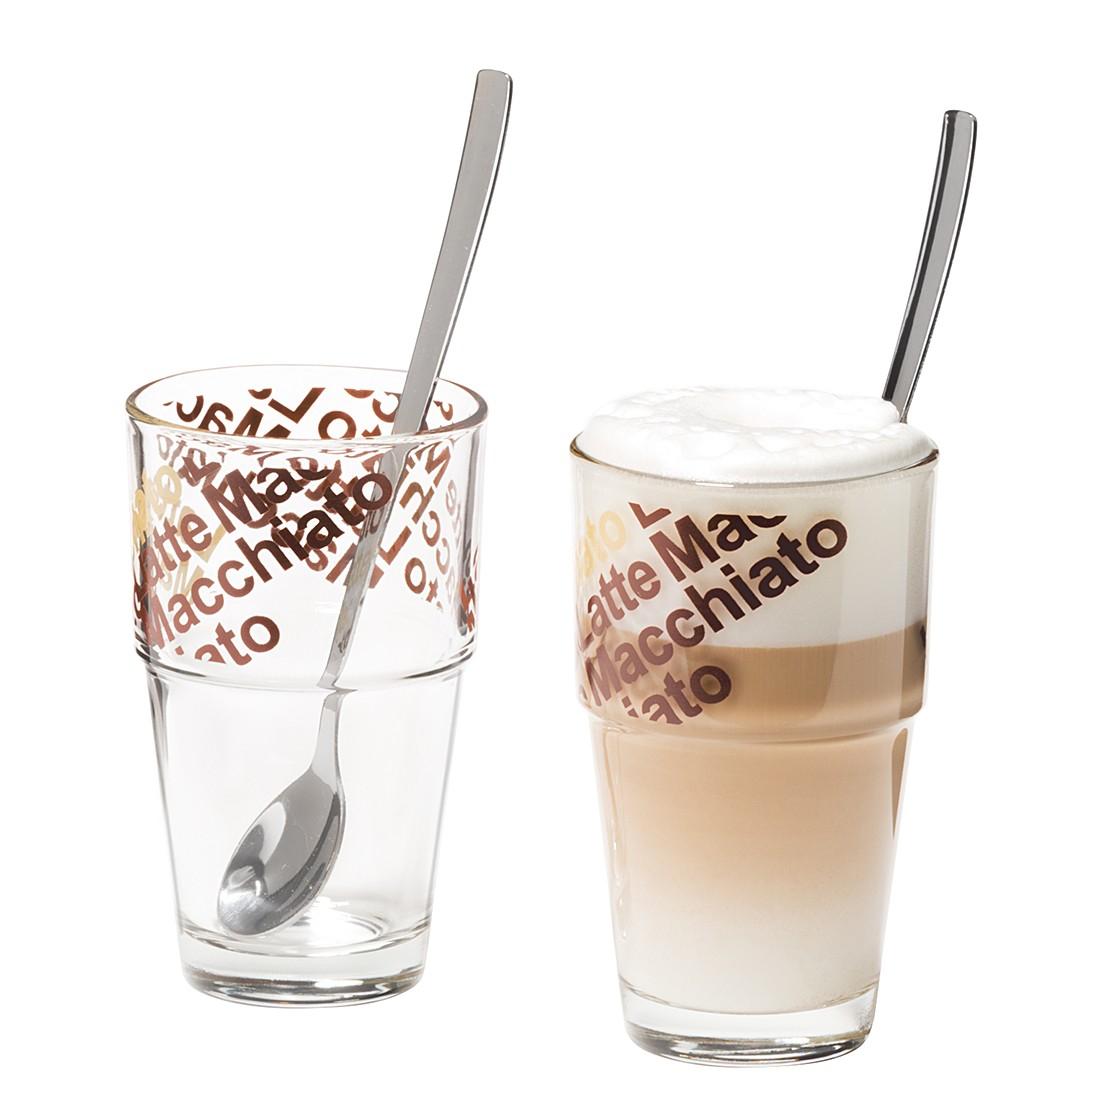 Café Latte Glas Solo (4er-Set) – Mit Löffeln, Leonardo günstig bestellen